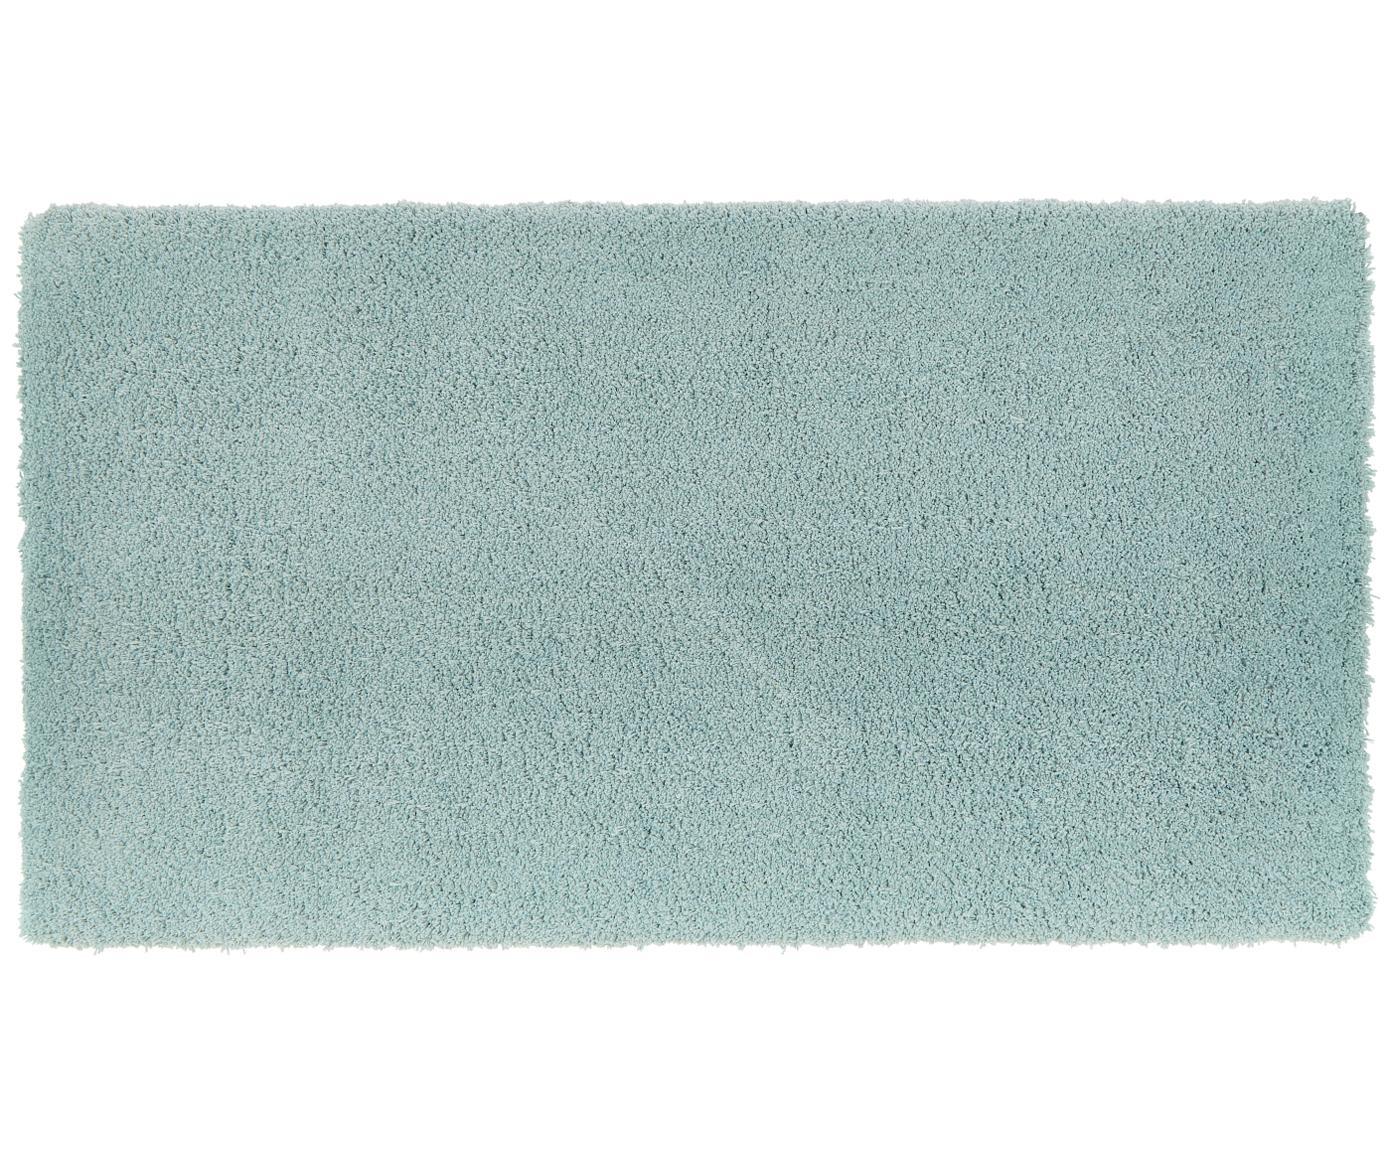 Pluizig hoogpolig vloerkleed Leighton in mintgroen, Bovenzijde: 100% polyester (microveze, Onderzijde: 100% polyester, Mintgroen, B 80 x L 150 cm (maat XS)